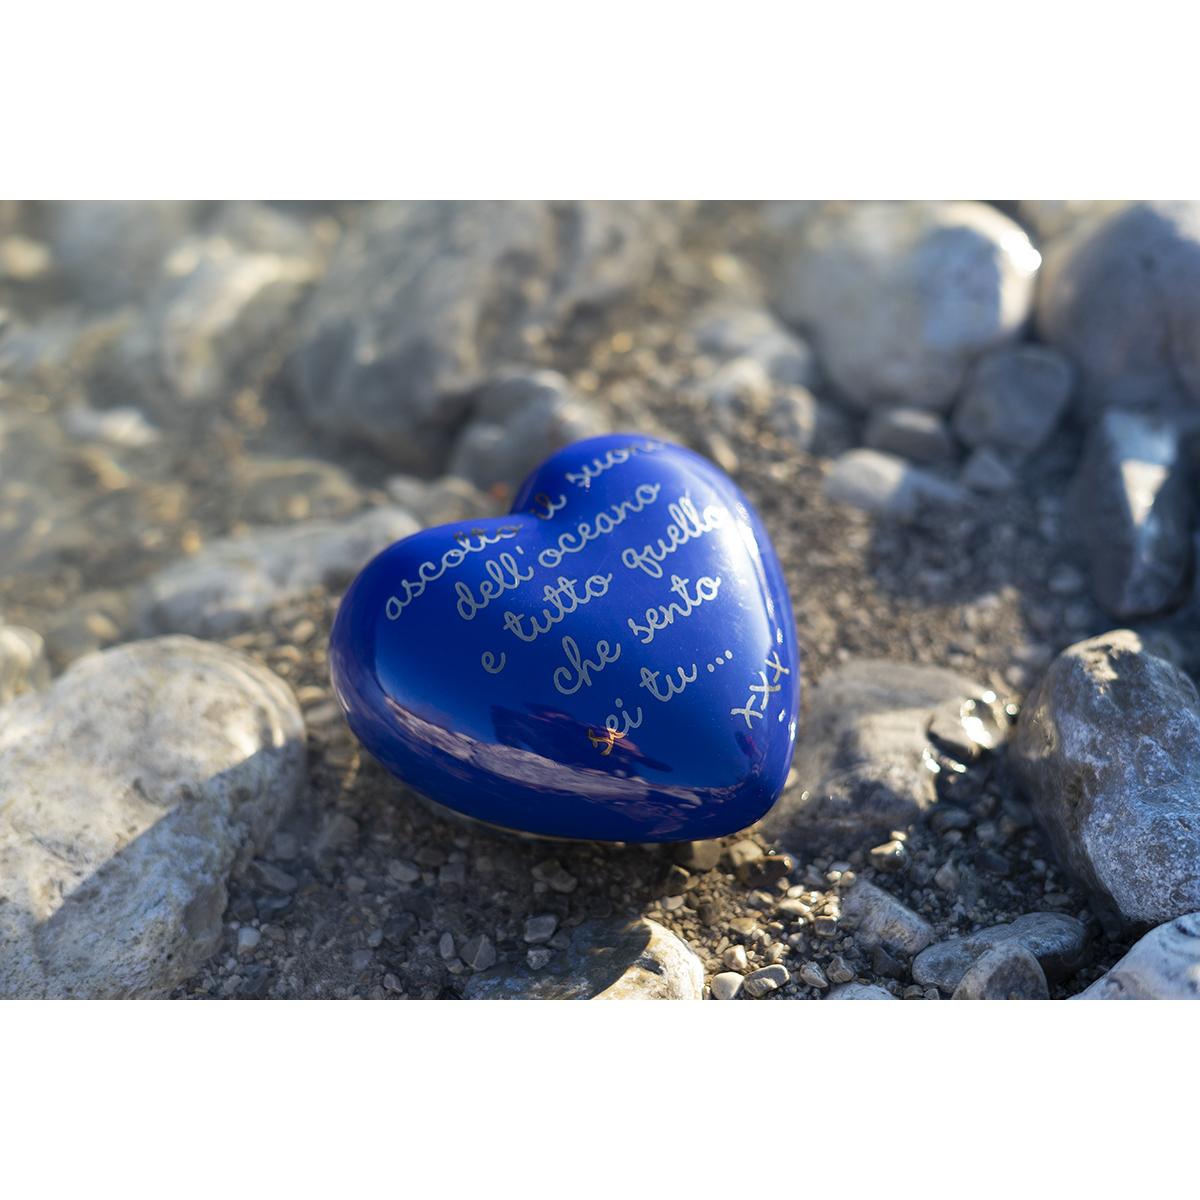 su un cuore tridimensionale blu c'è scritta una poesia d'amore legata agli oceani